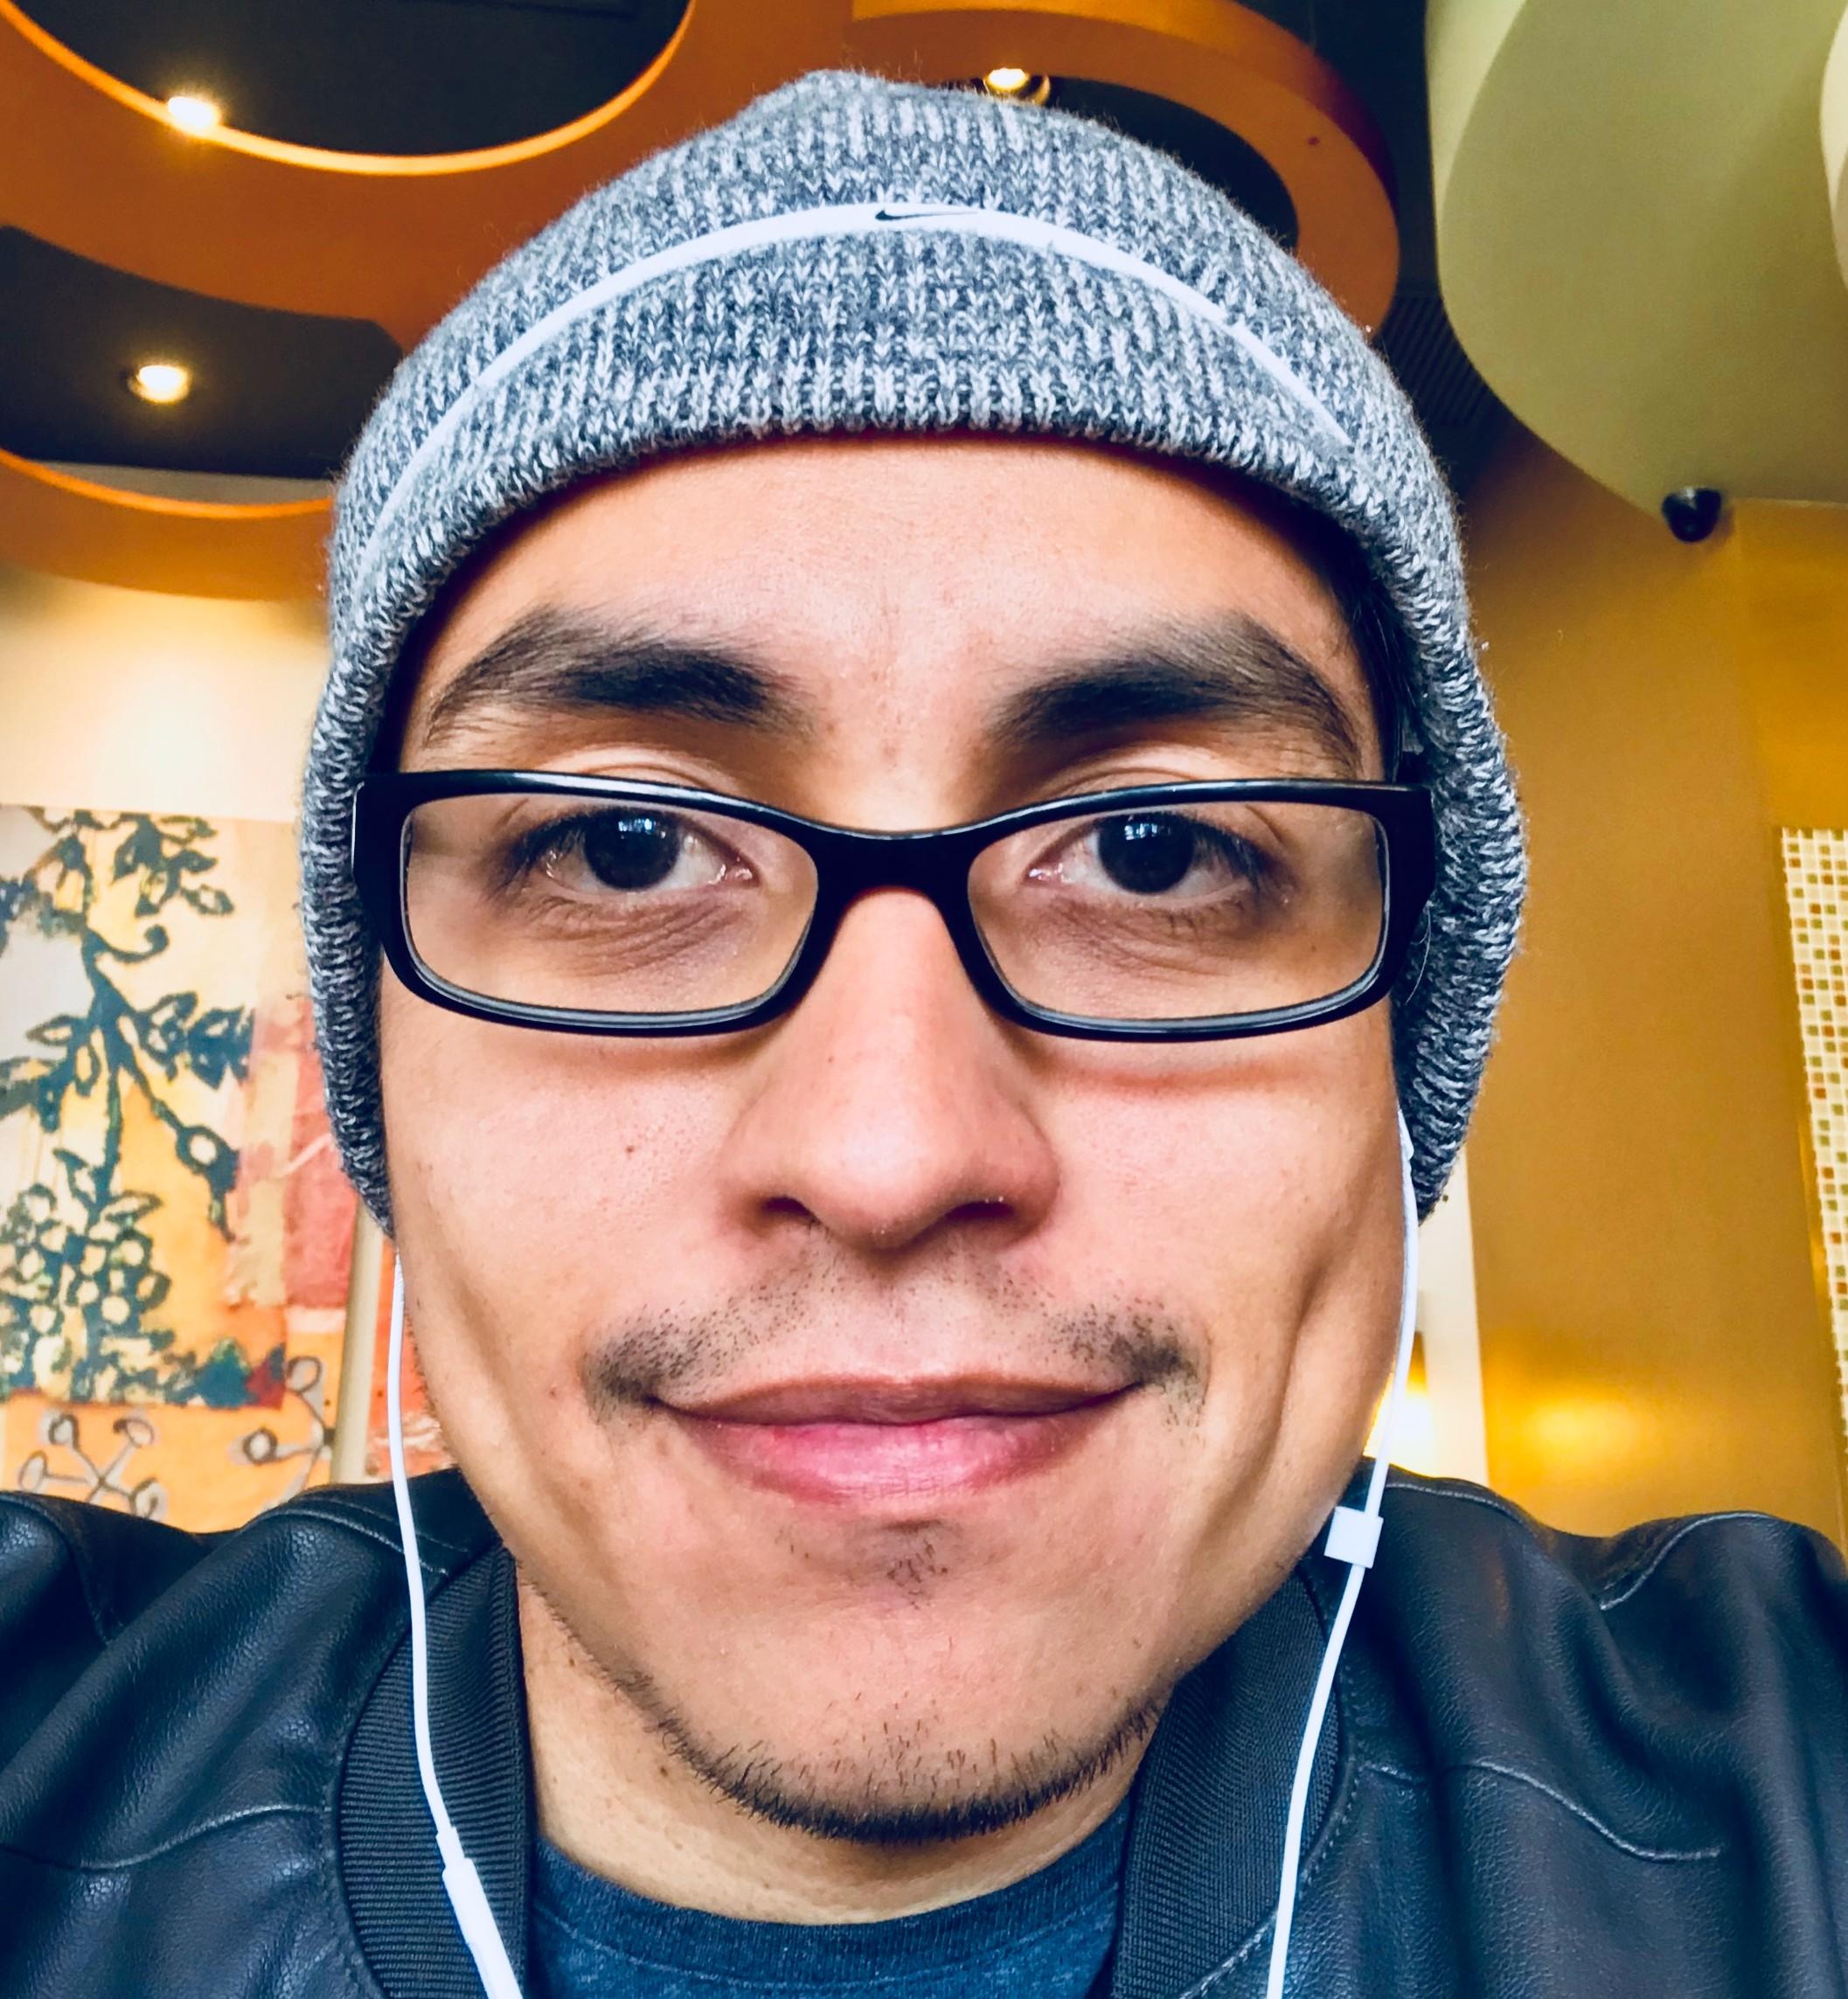 Josh Medina